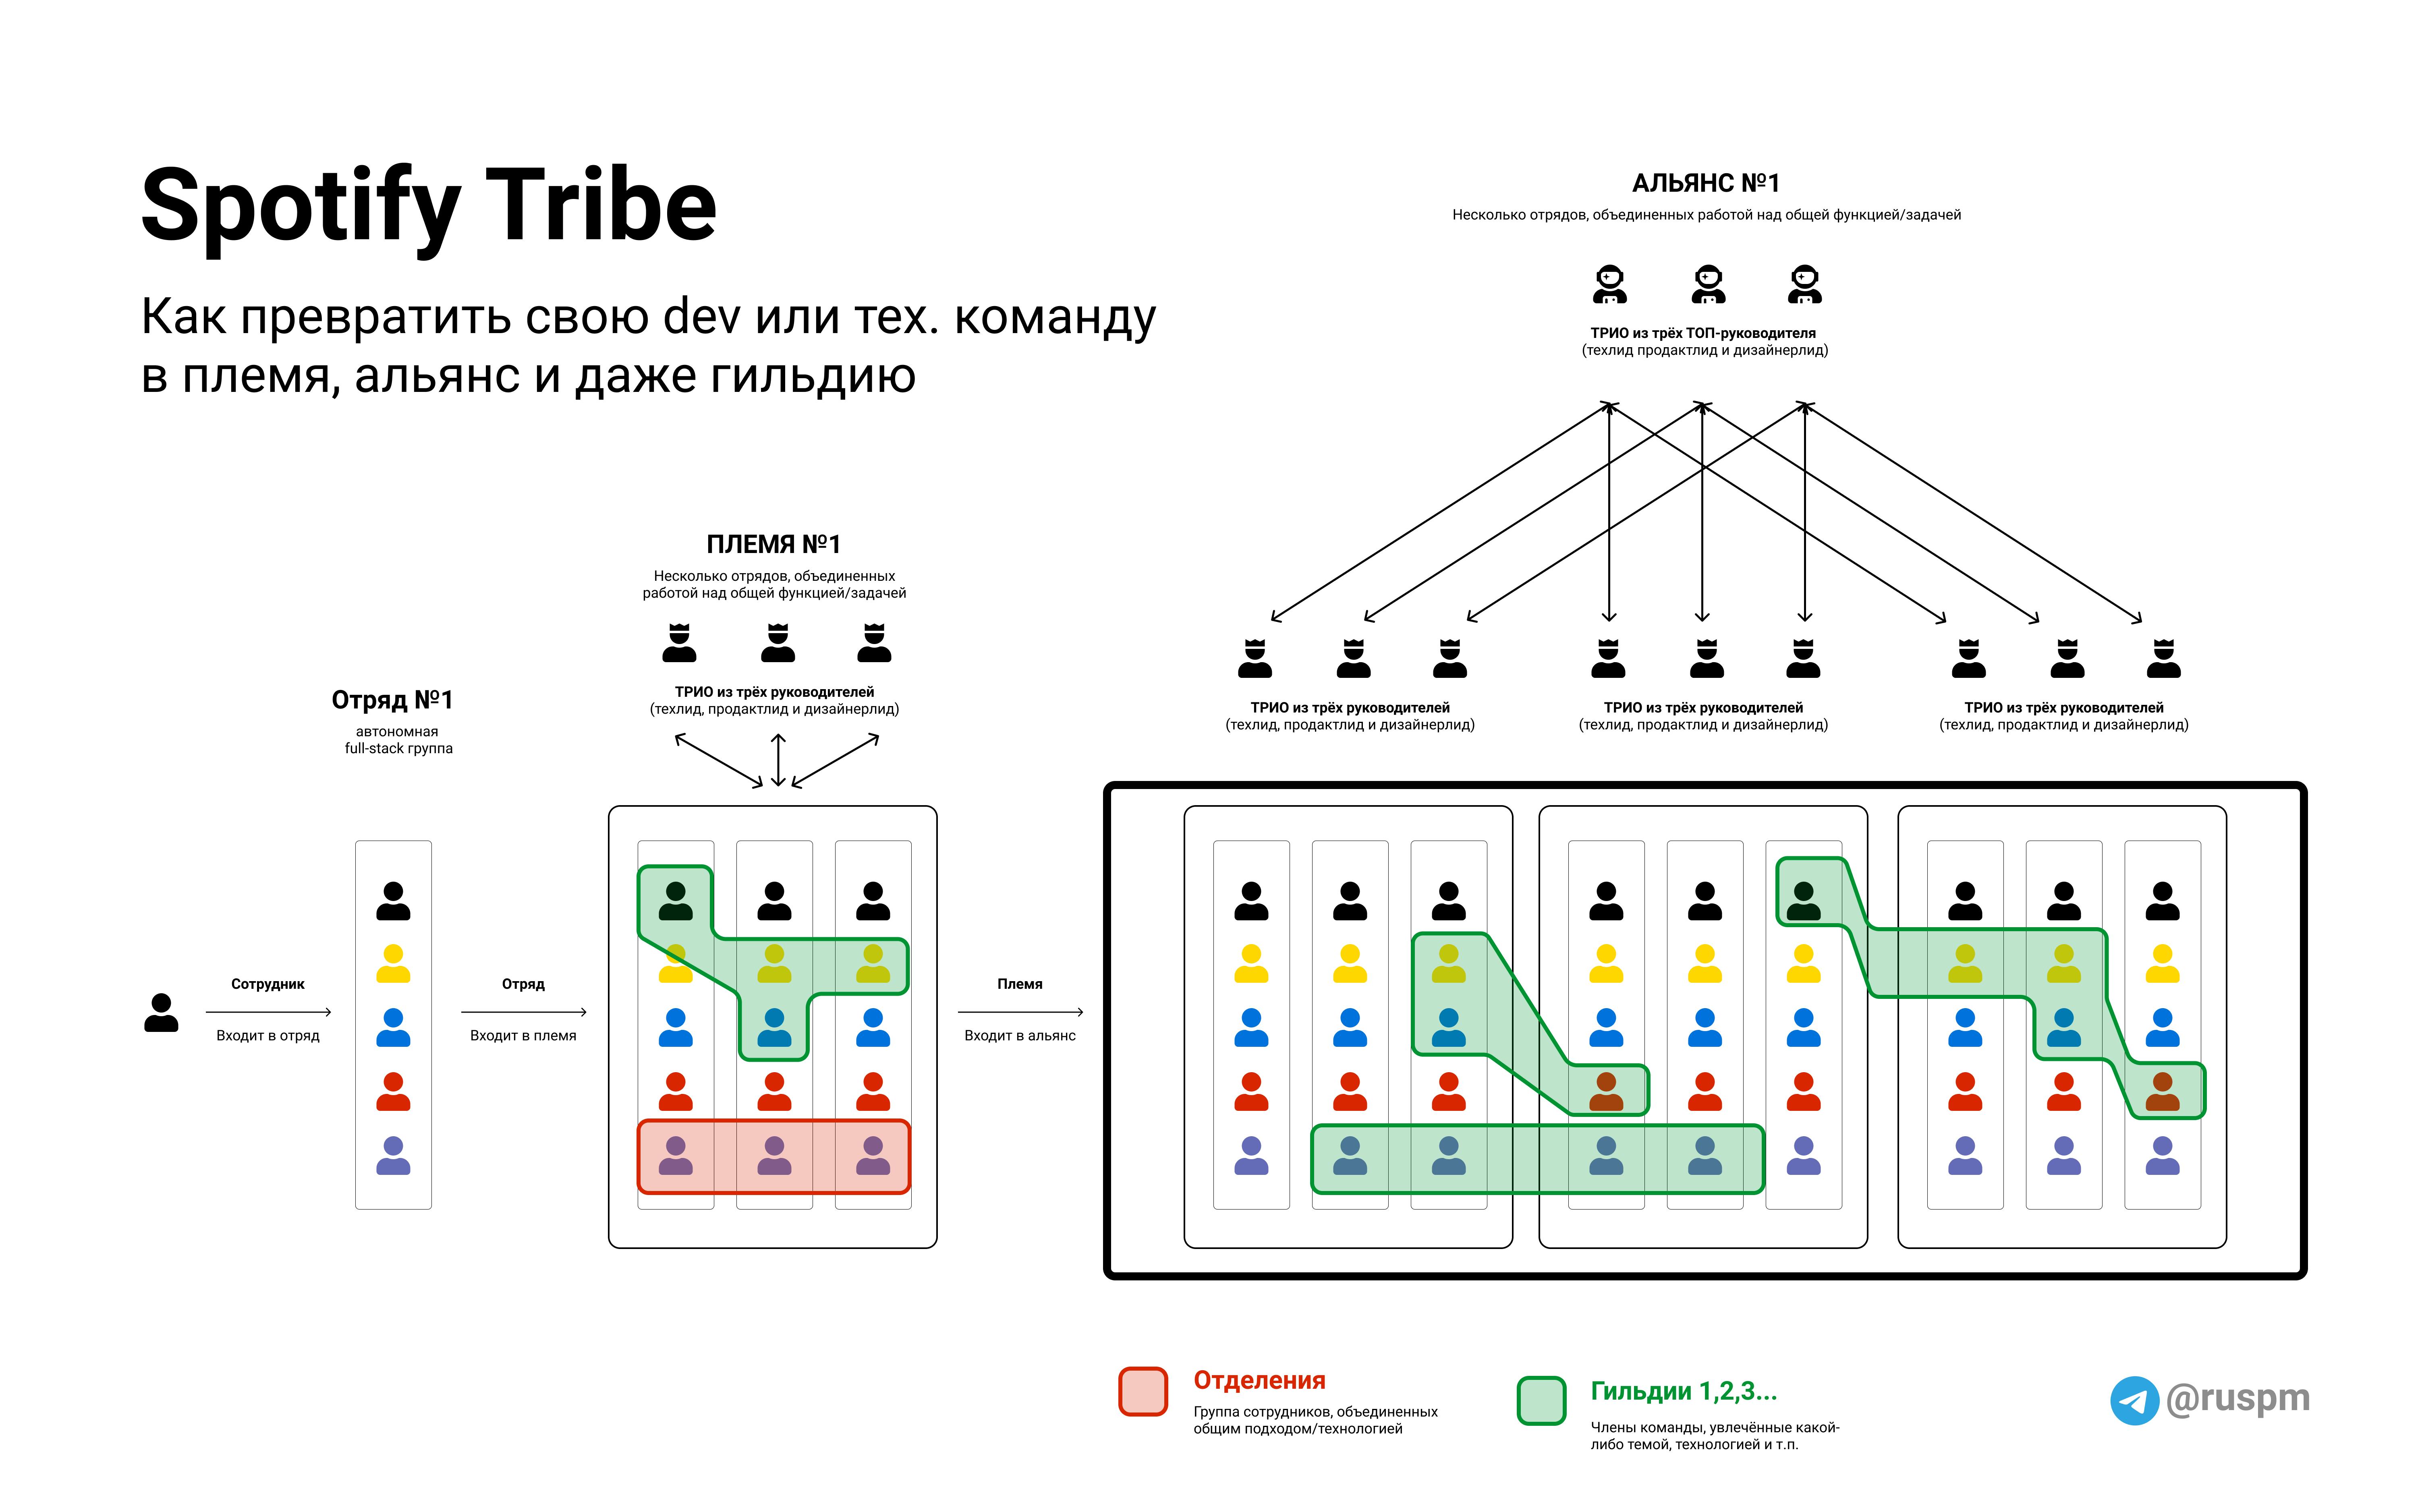 Методология Spotify Tribe: как превратить команду в племя и даже гильдию